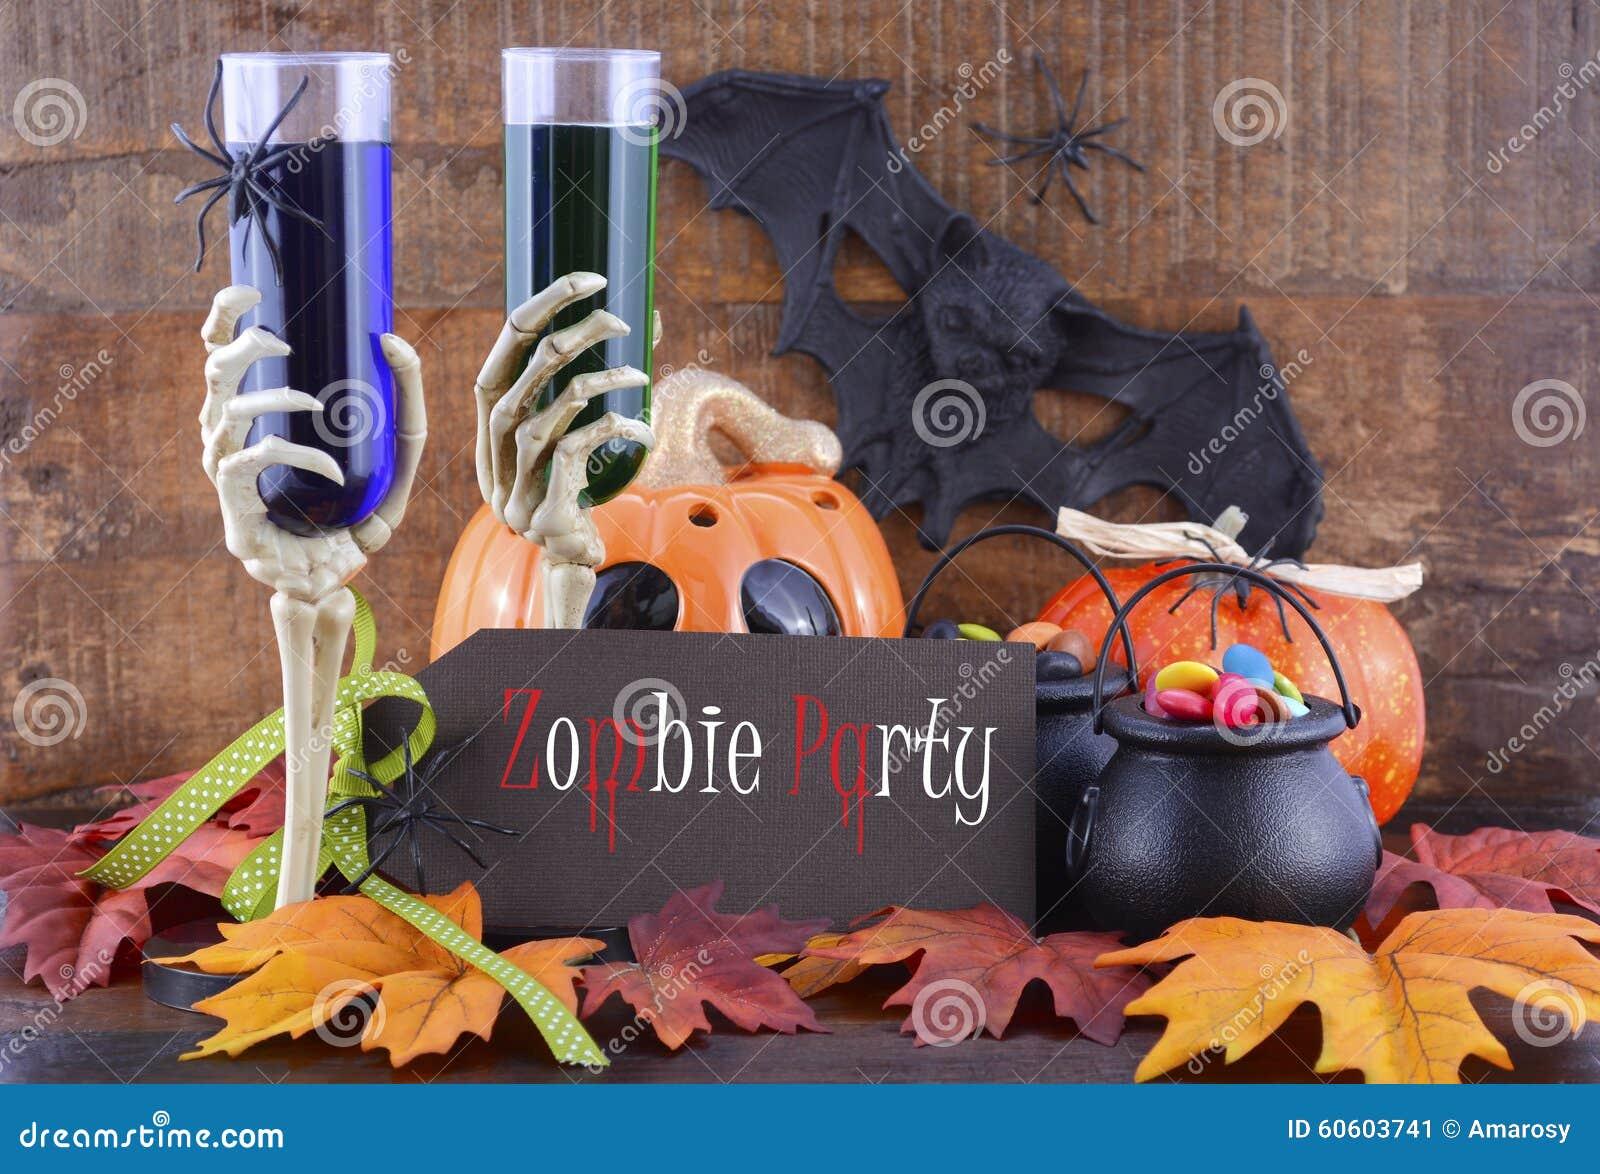 Szczęśliwe Halloweenowe żywego trupu przyjęcia dekoracje